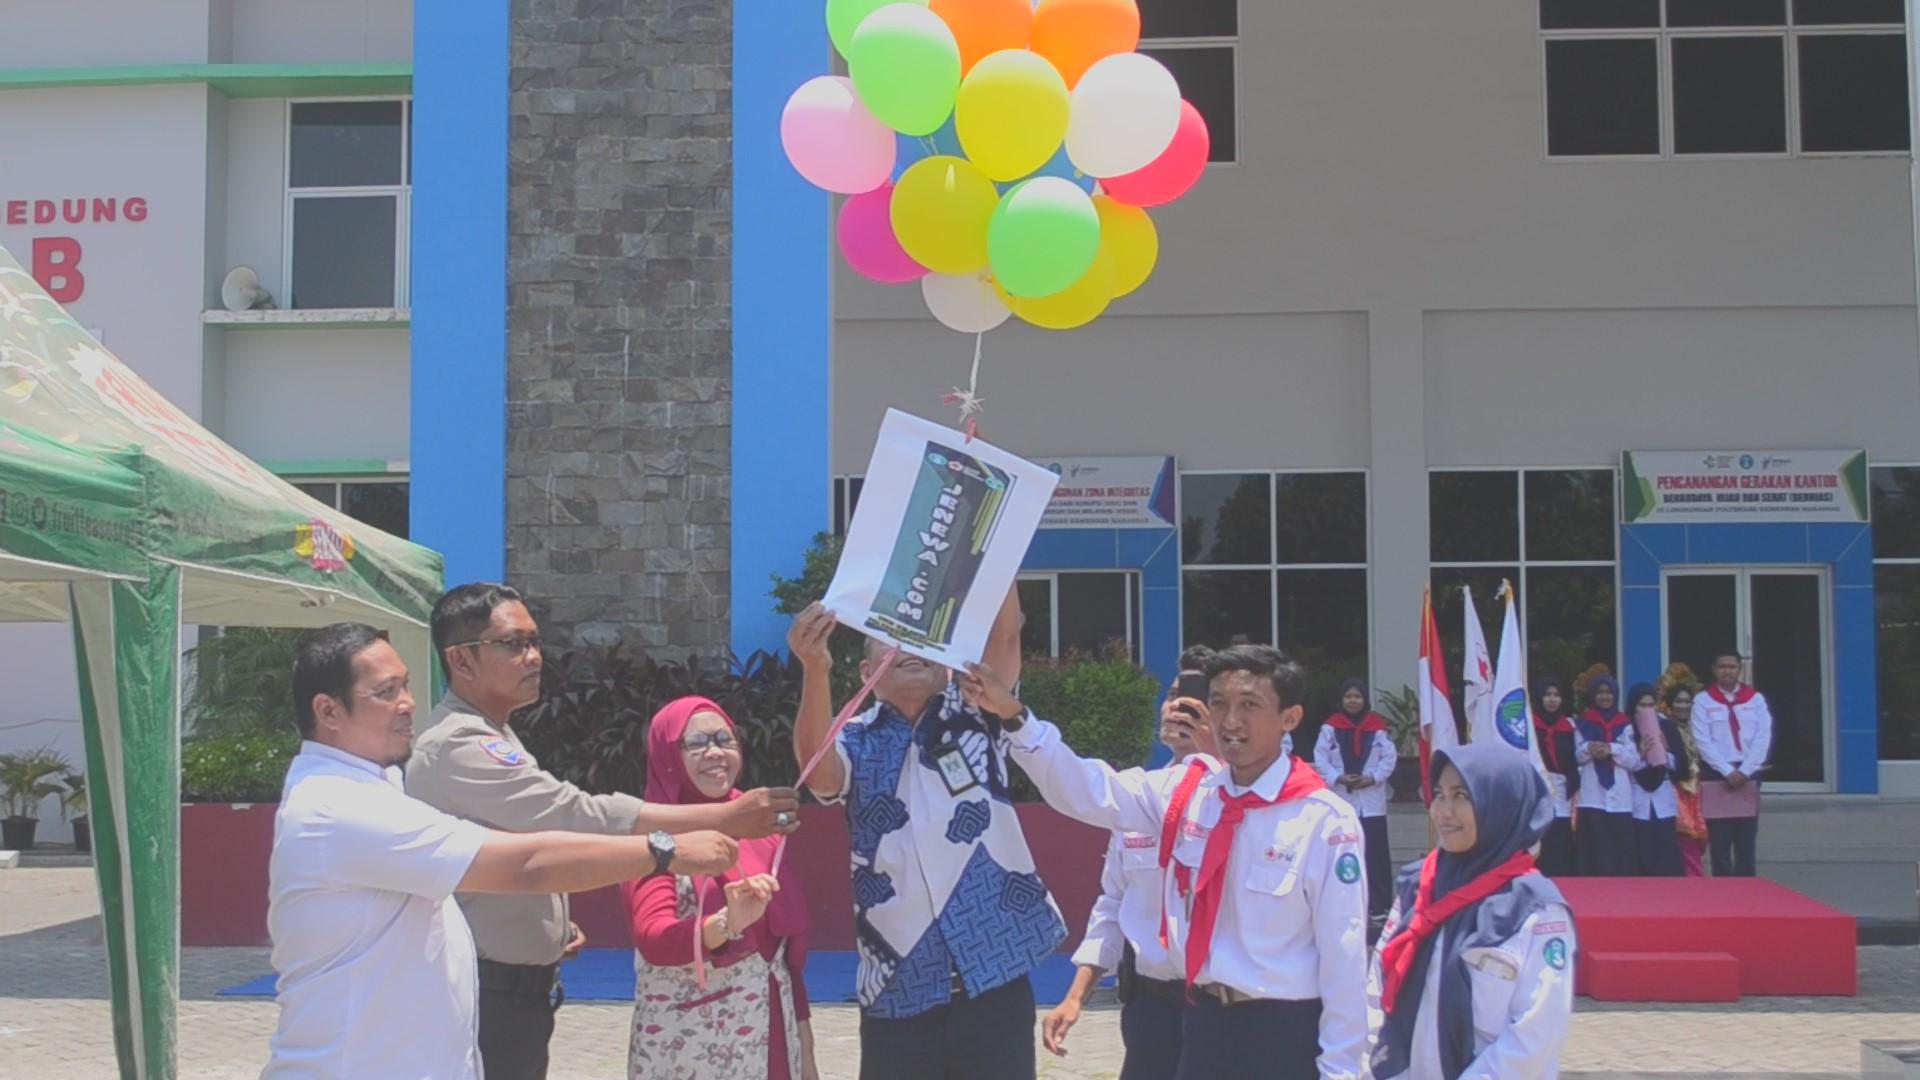 Pelepasan balon menjadi tanda Jenewa.com telah dimulai